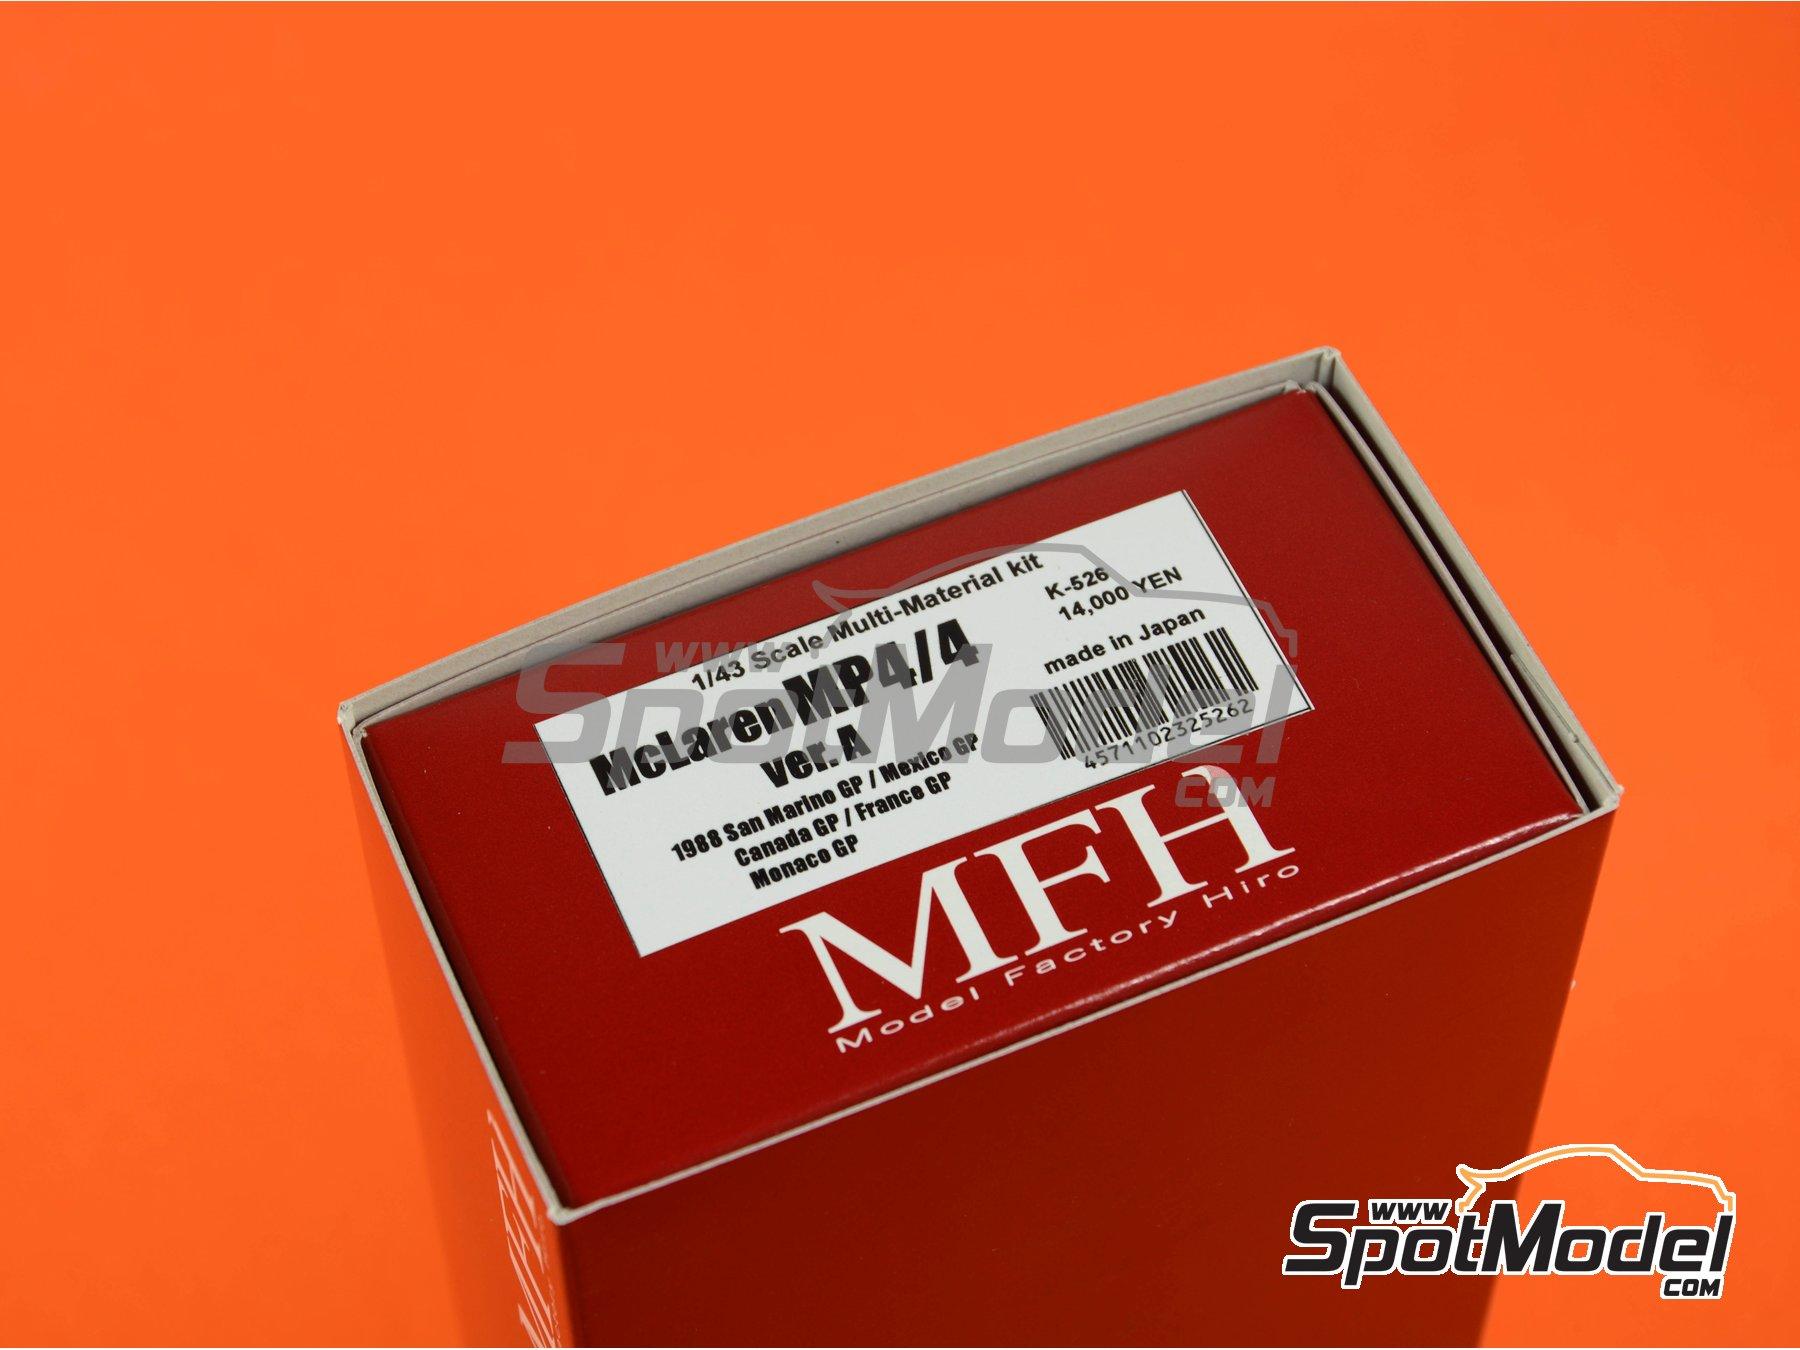 Image 11: McLaren Honda MP4/4 Marlboro - Gran Premio de Fórmula 1 de Canada, Gran Premio de Fórmula 1 de Francia, Gran Premio de Formula 1 de Mónaco, Gran Premio de Fórmula 1 de San Marino, Gran Premio de Detroit 1988 | Maqueta de coche en escala1/43 fabricado por Model Factory Hiro (ref.MFH-K526, tambien K-526)